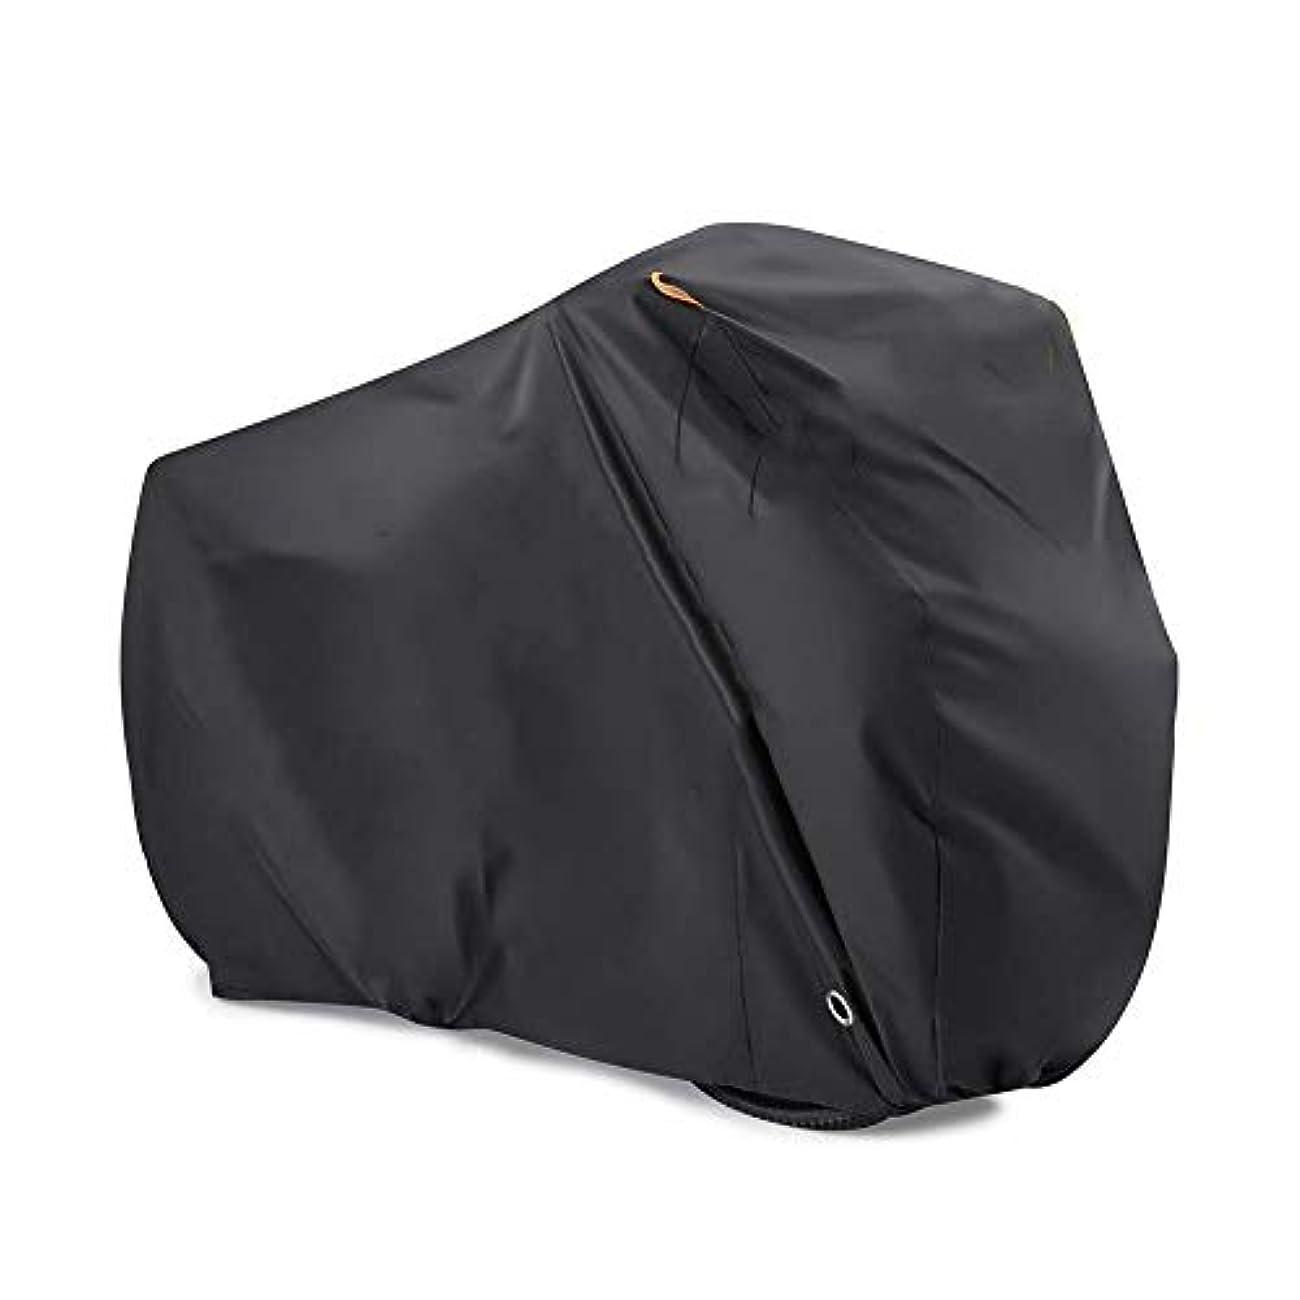 トレーニング逃れる生活LIXIONG ターポリンタープ自転車のダストカバー 防水 ターポリン アウトドア 電動バイク 錆防止   抗UV   四季の使用 、収納袋 、4サイズ (色 : 黒, サイズ さいず : 190x60x90cm)